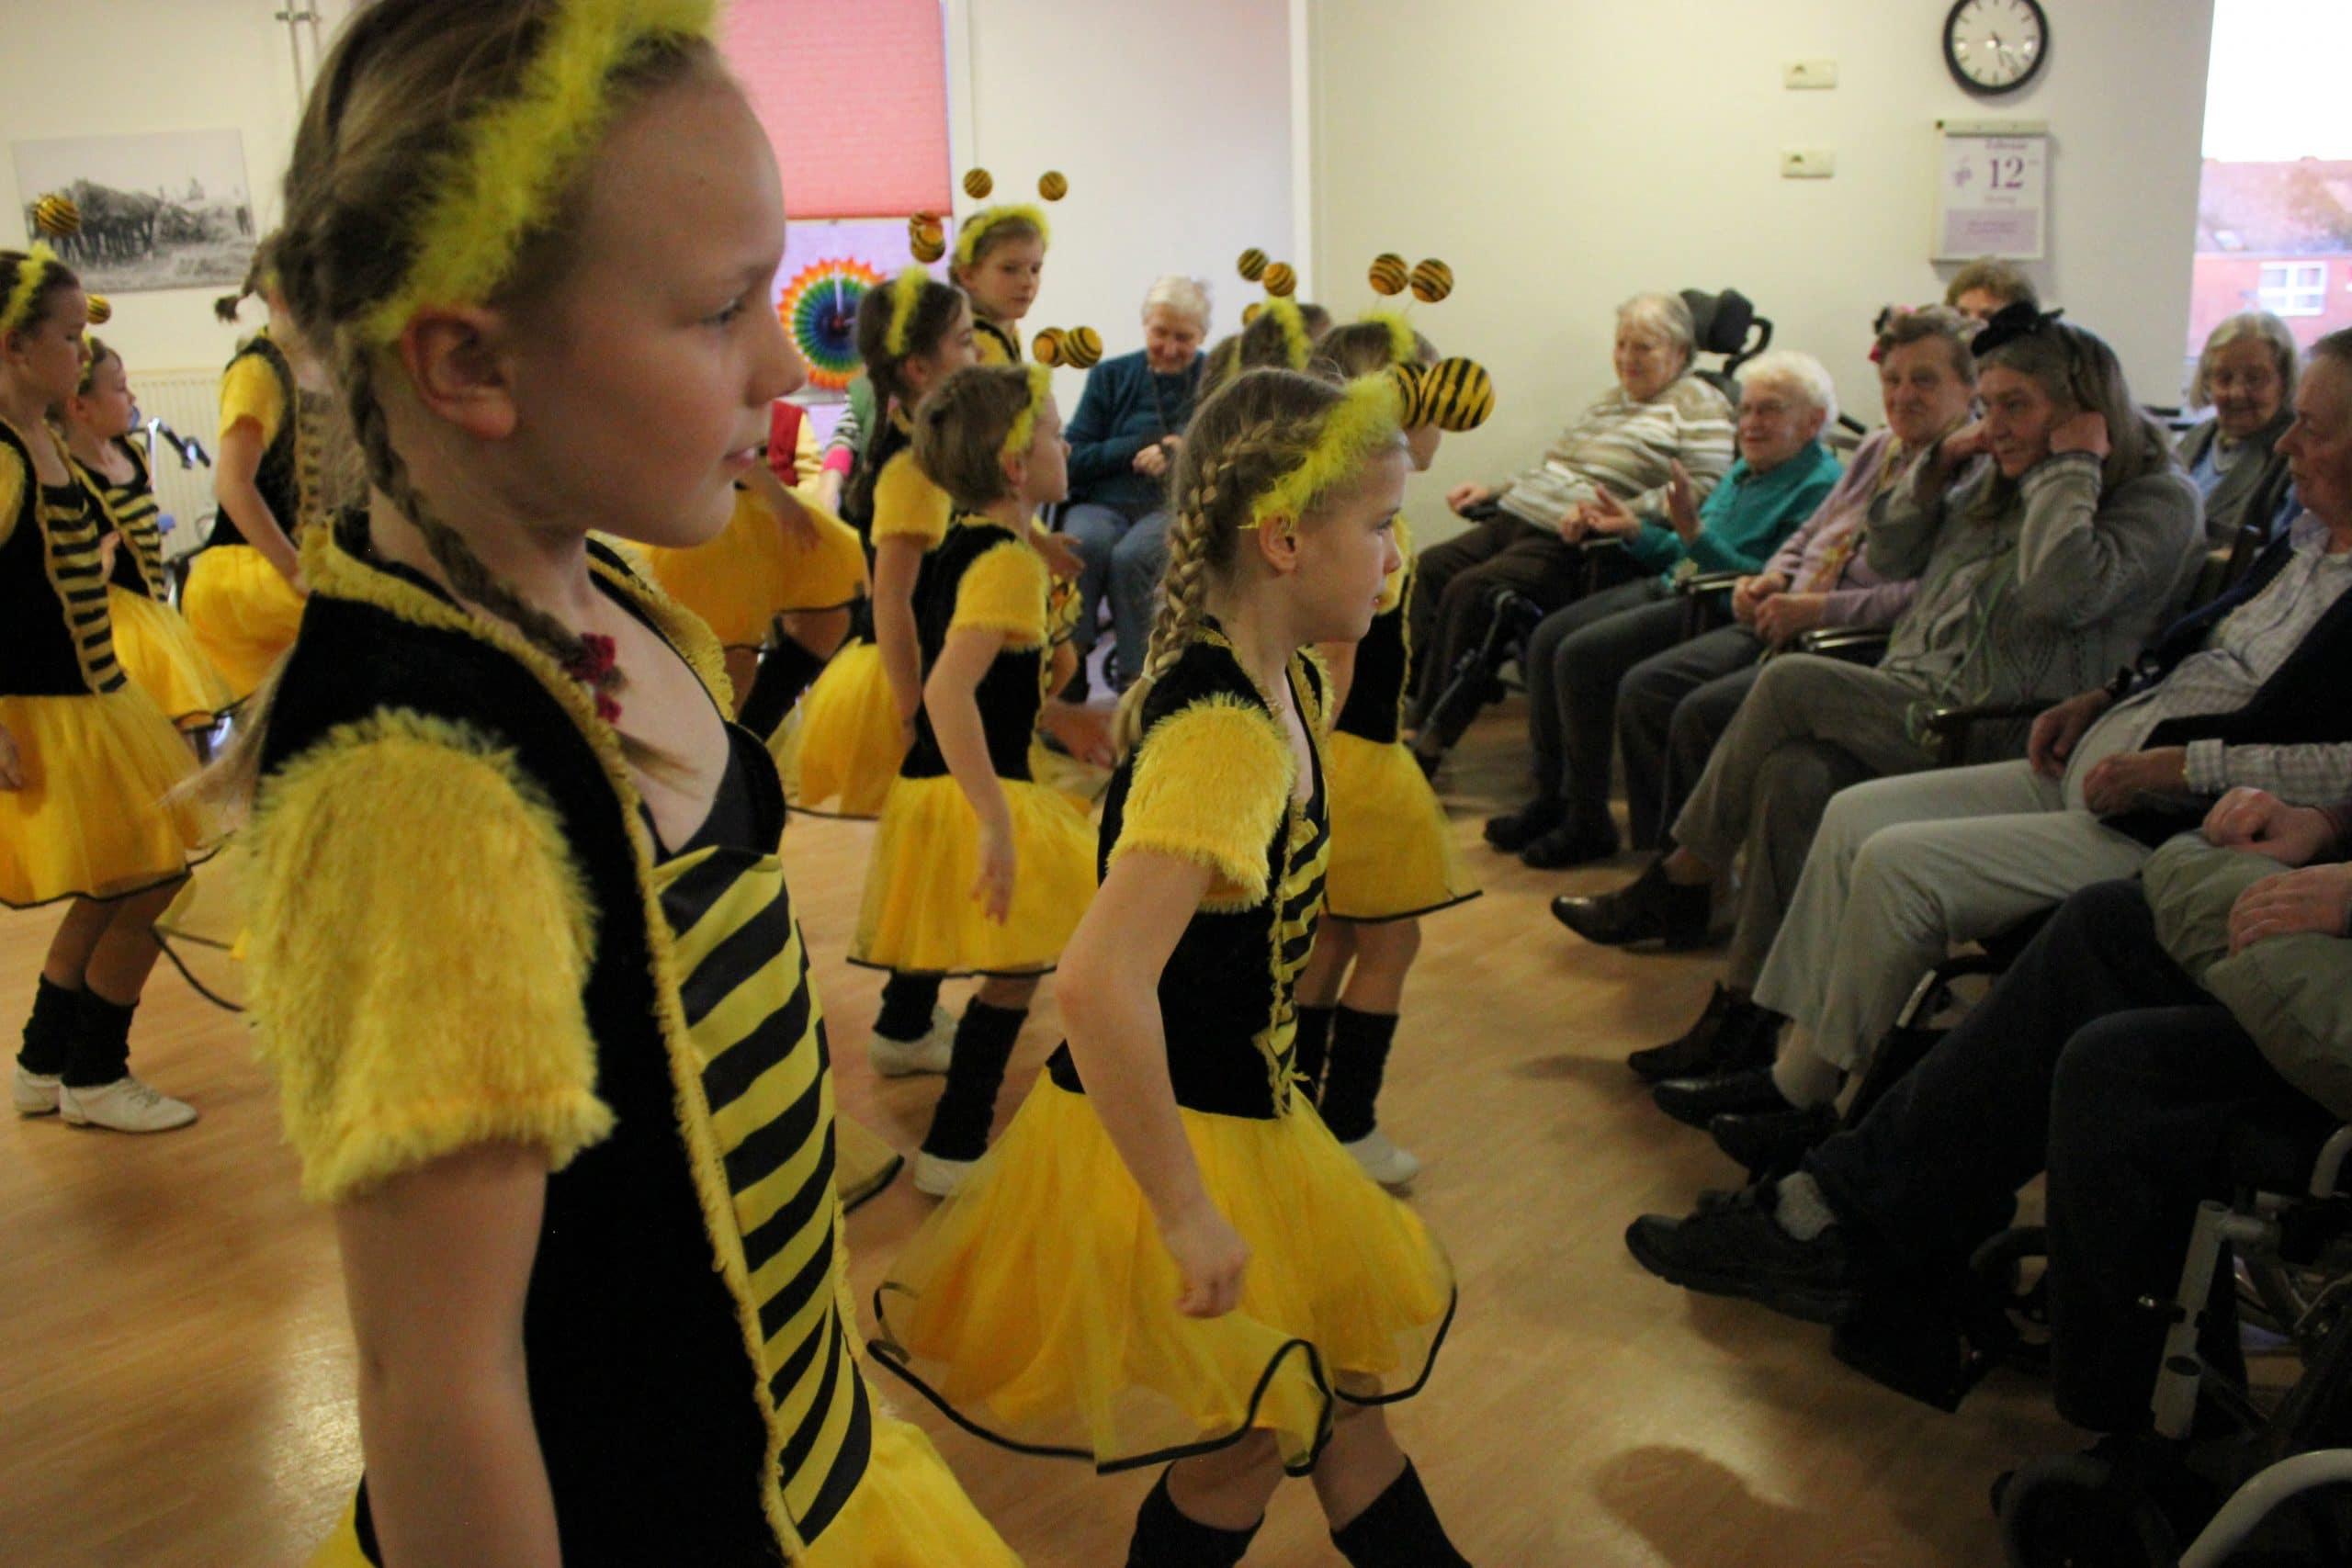 Närrisches Tanzvergnügen am Veilchendienstag